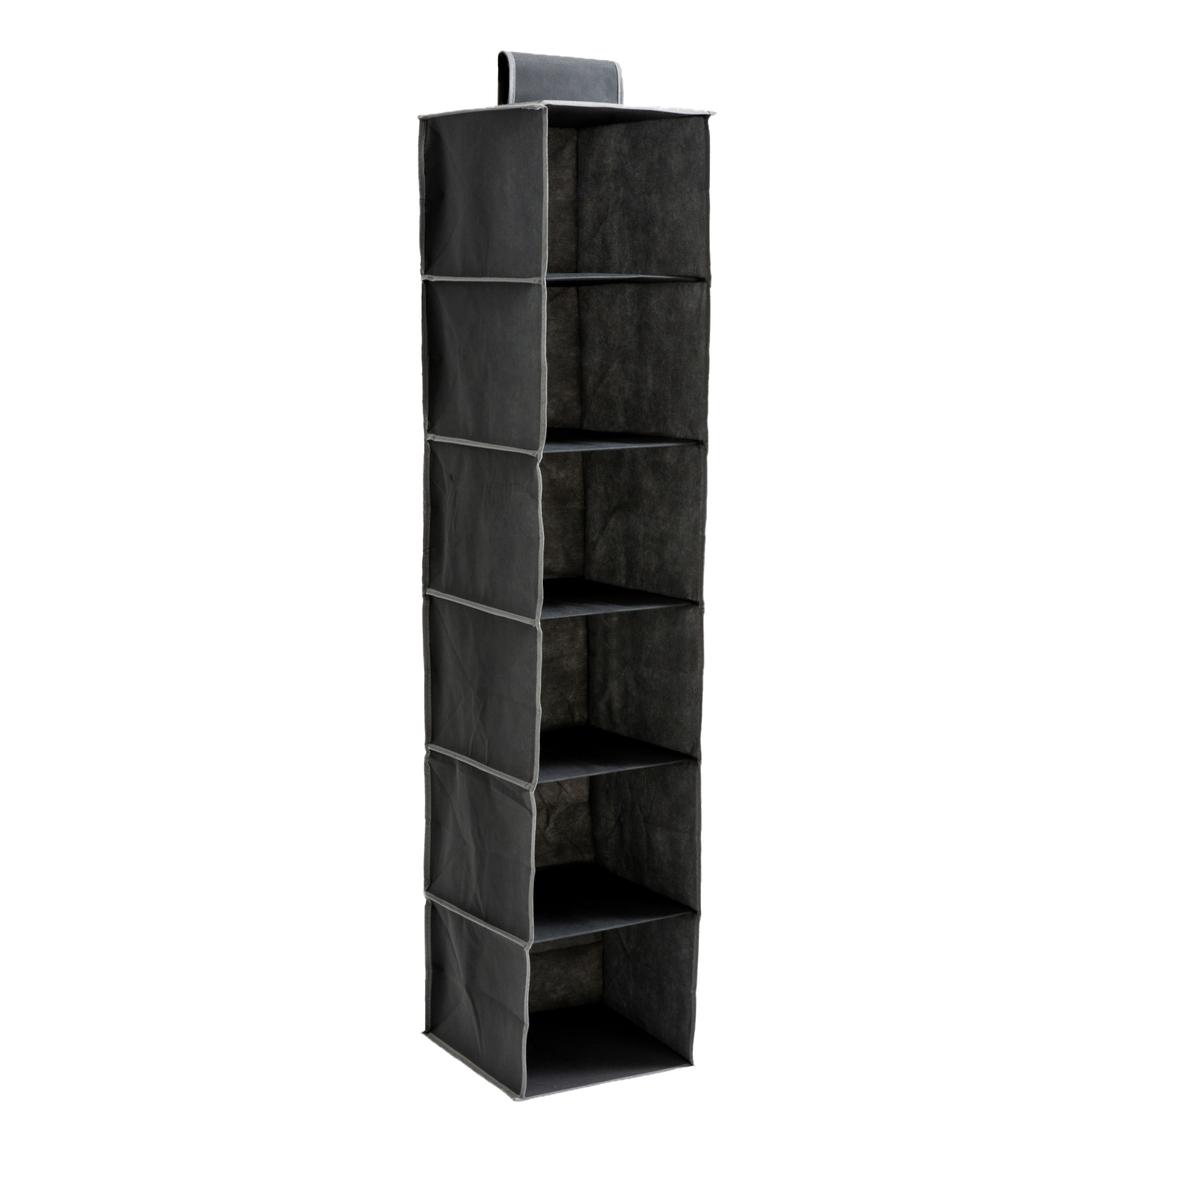 Органайзер LaRedoute Подвесной с 6 отделениями Storage единый размер серый